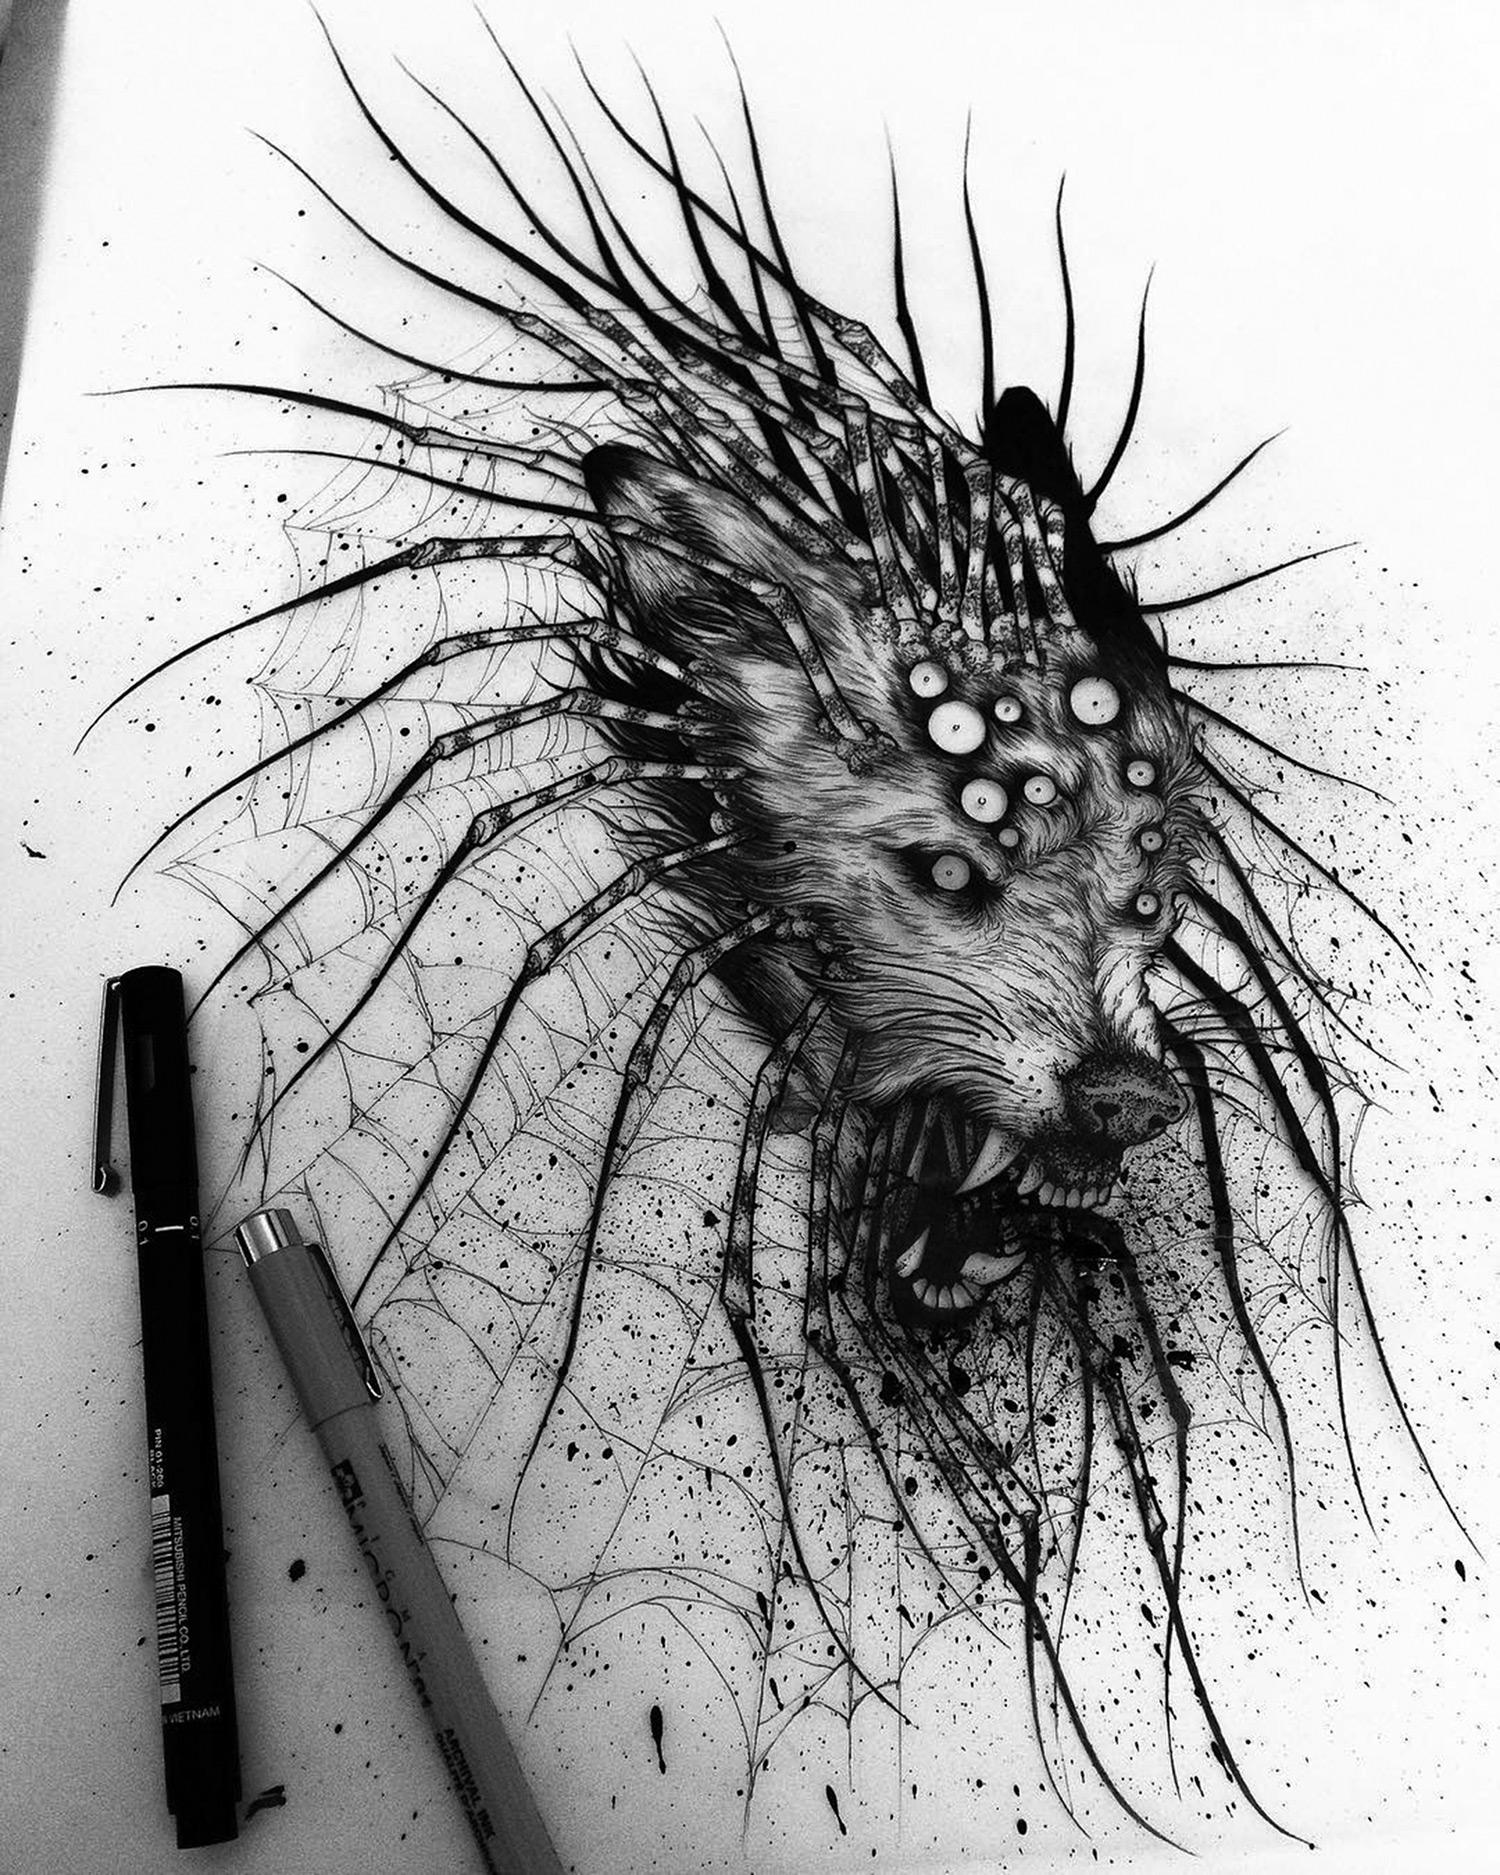 Jeanchoir - Sombre Tache - centipede wolf illustration